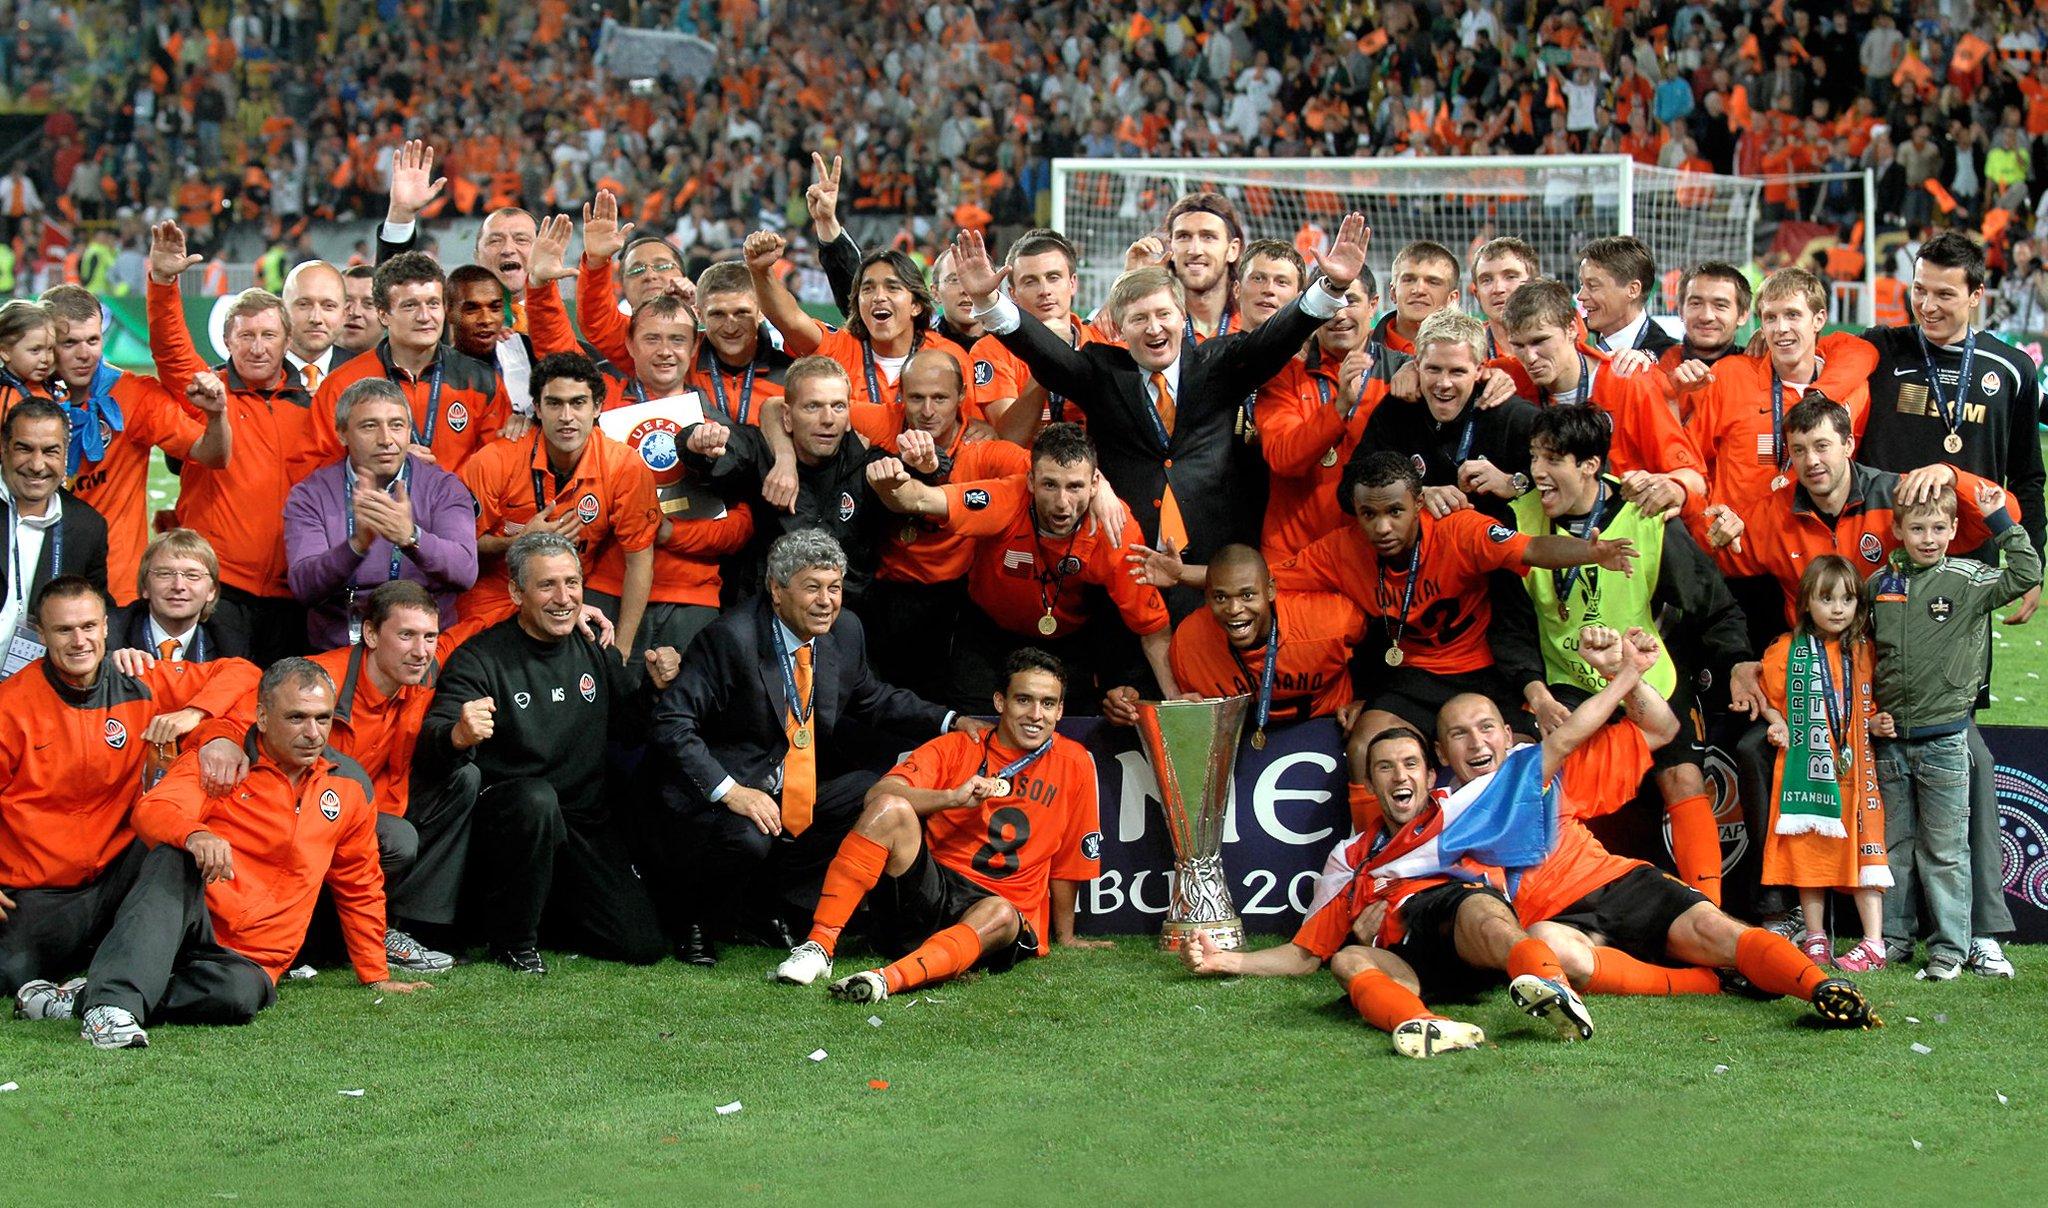 В 2009-м «Шахтер» выиграл последний Кубок УЕФА. В финале забил будущий спартаковец, а по полю бегал кот